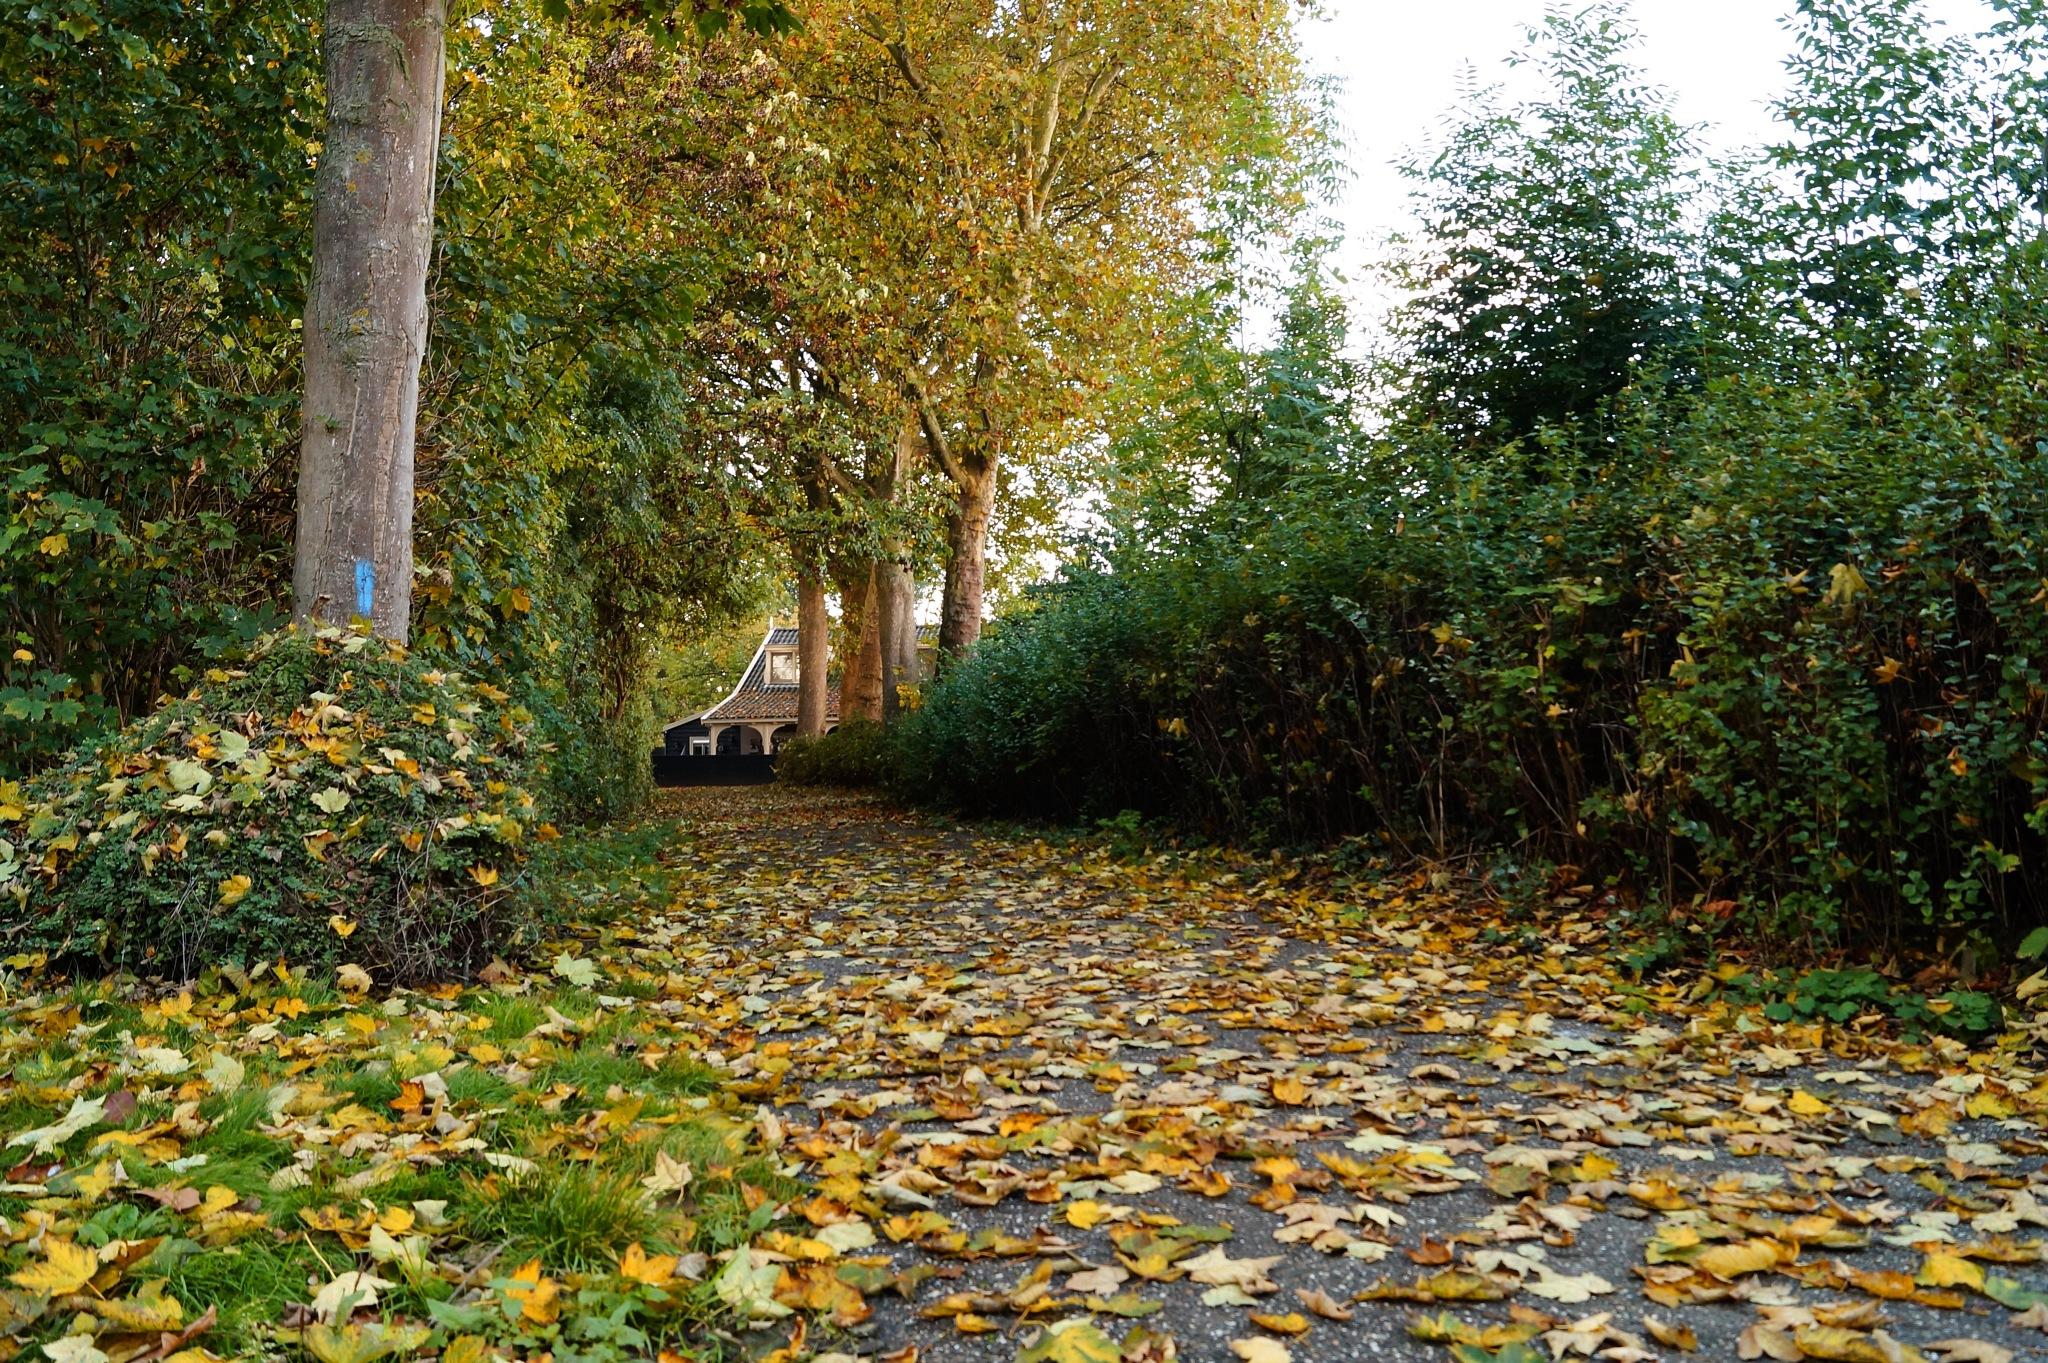 Autumn Path by Marian Baay